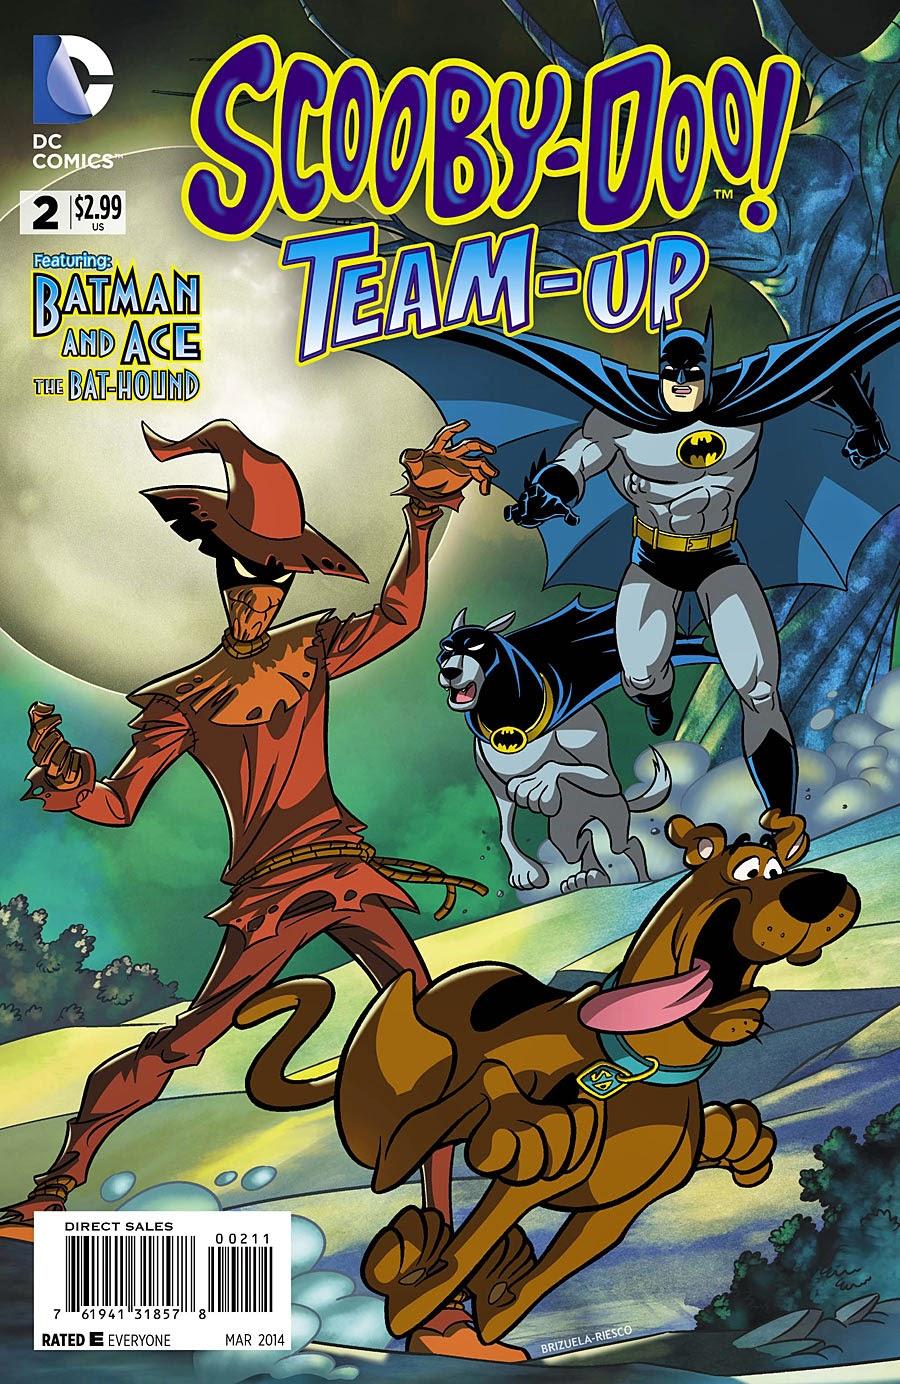 Scooby Doo meets The Flintstones by brazilianferalcat on ... |Scooby Doo Meets The Flintstones